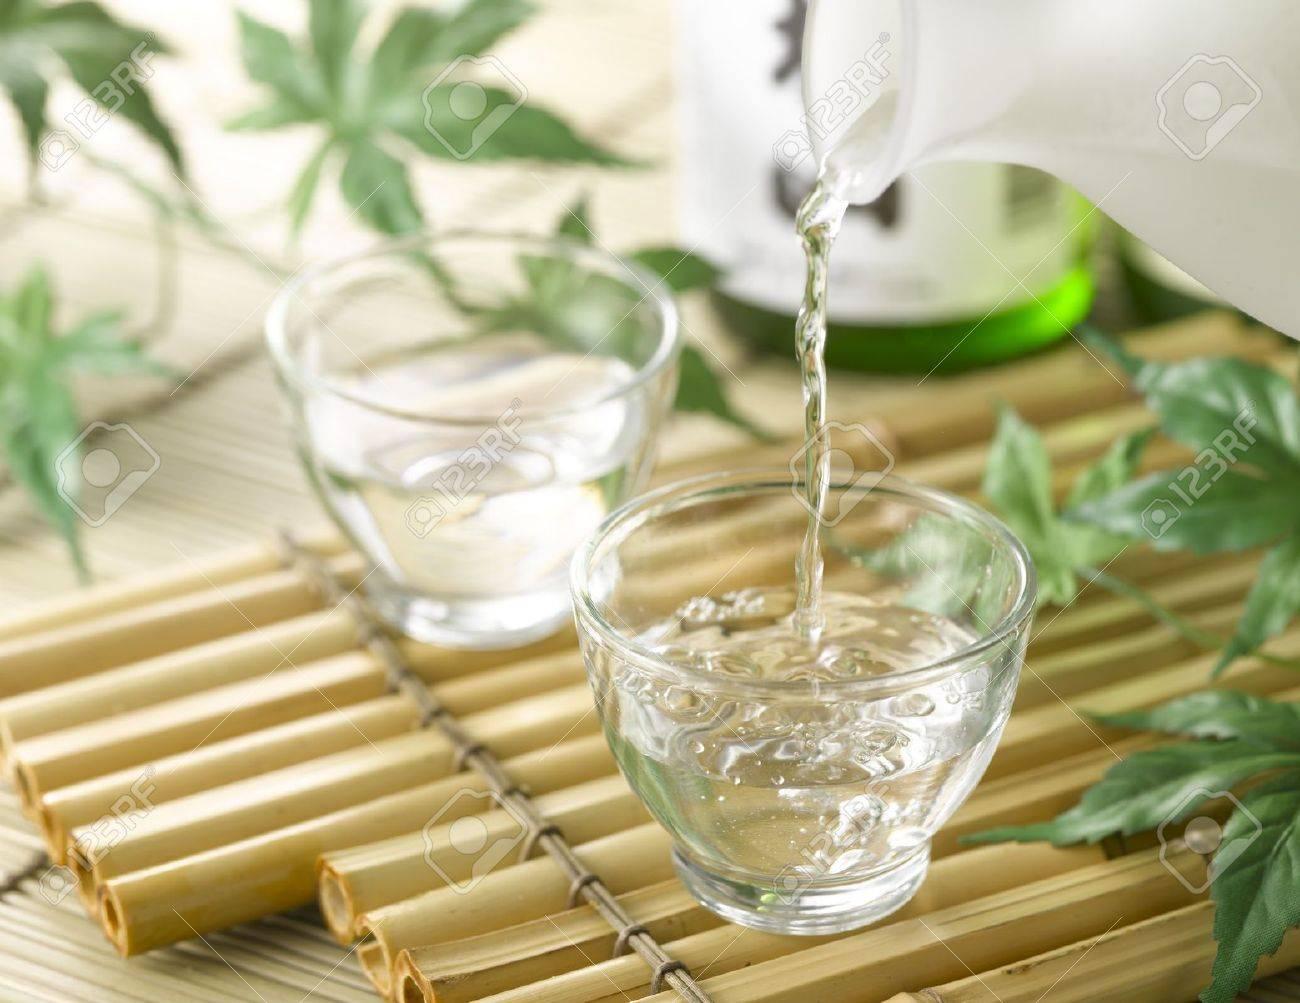 saké sur le bambou bac avec bouteille banque d'images et photos